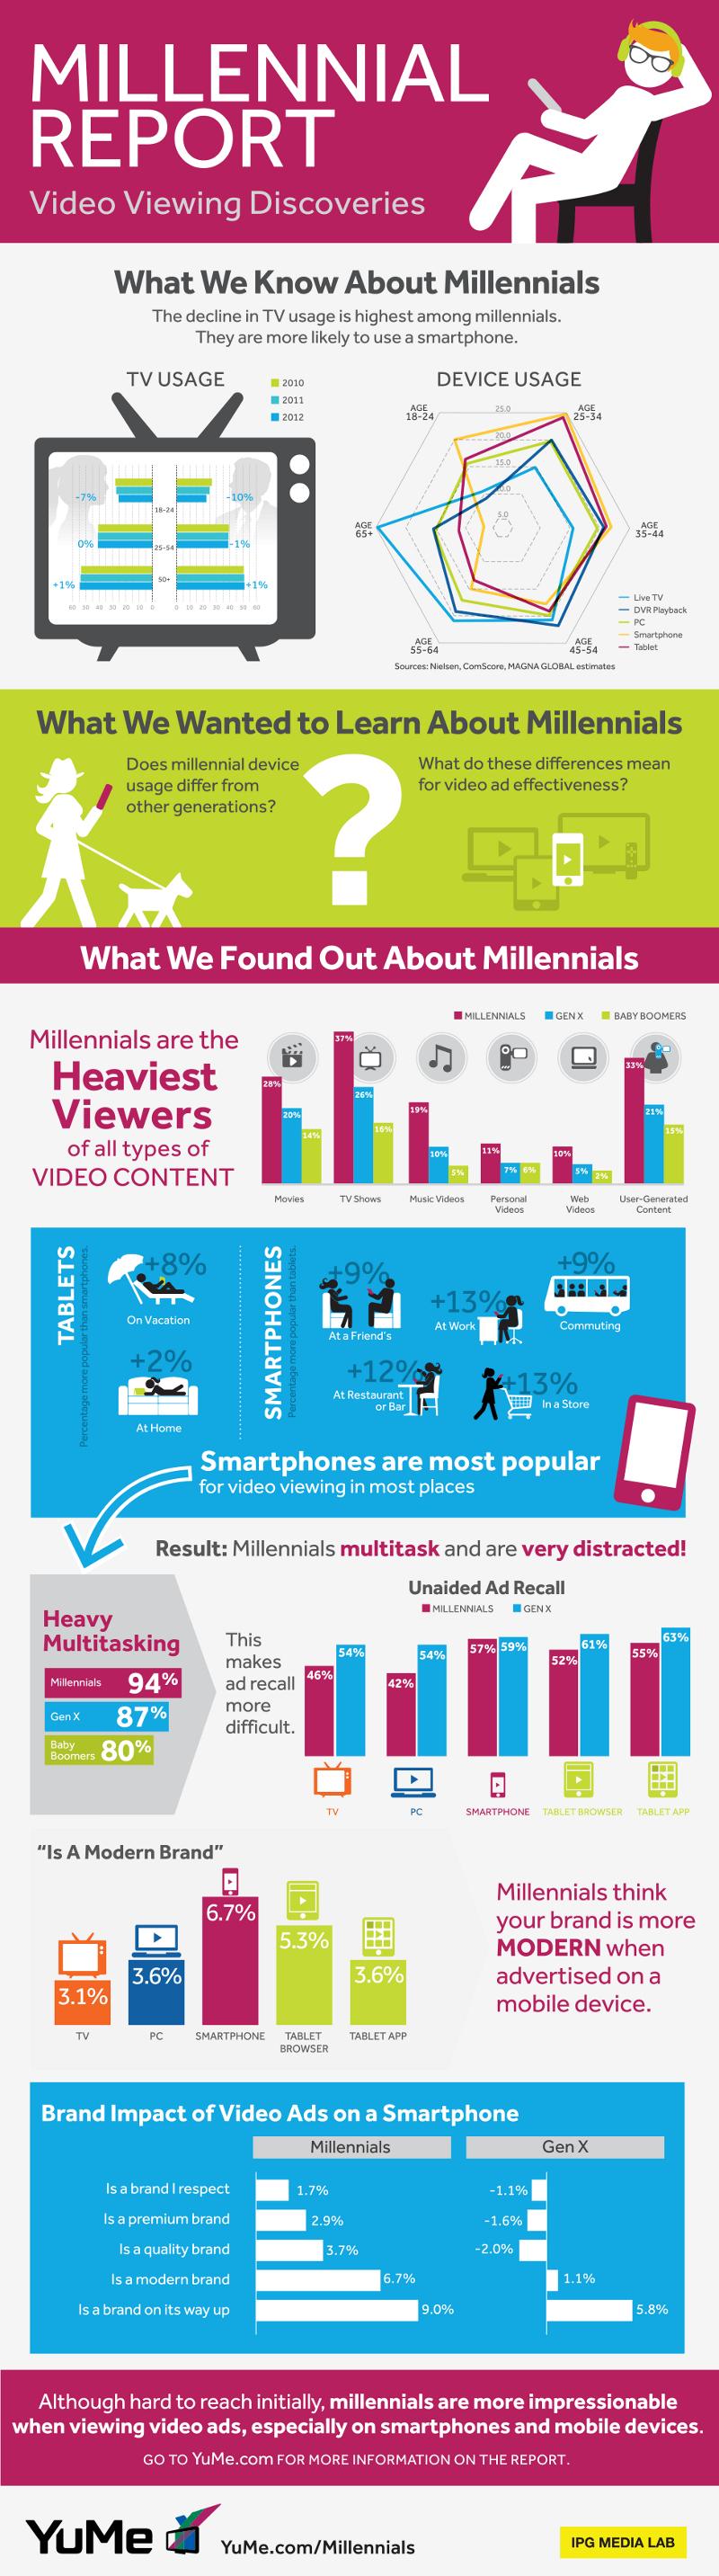 Habits of Millennials